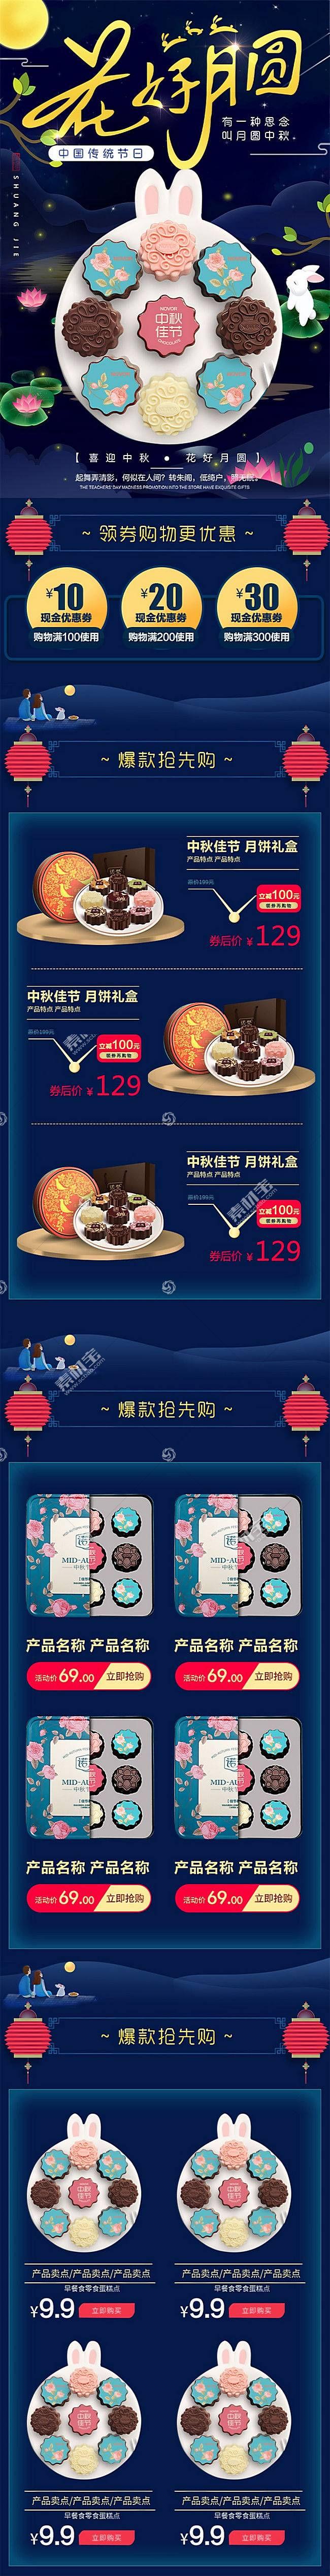 月饼电商狂欢促销手机端页面模板